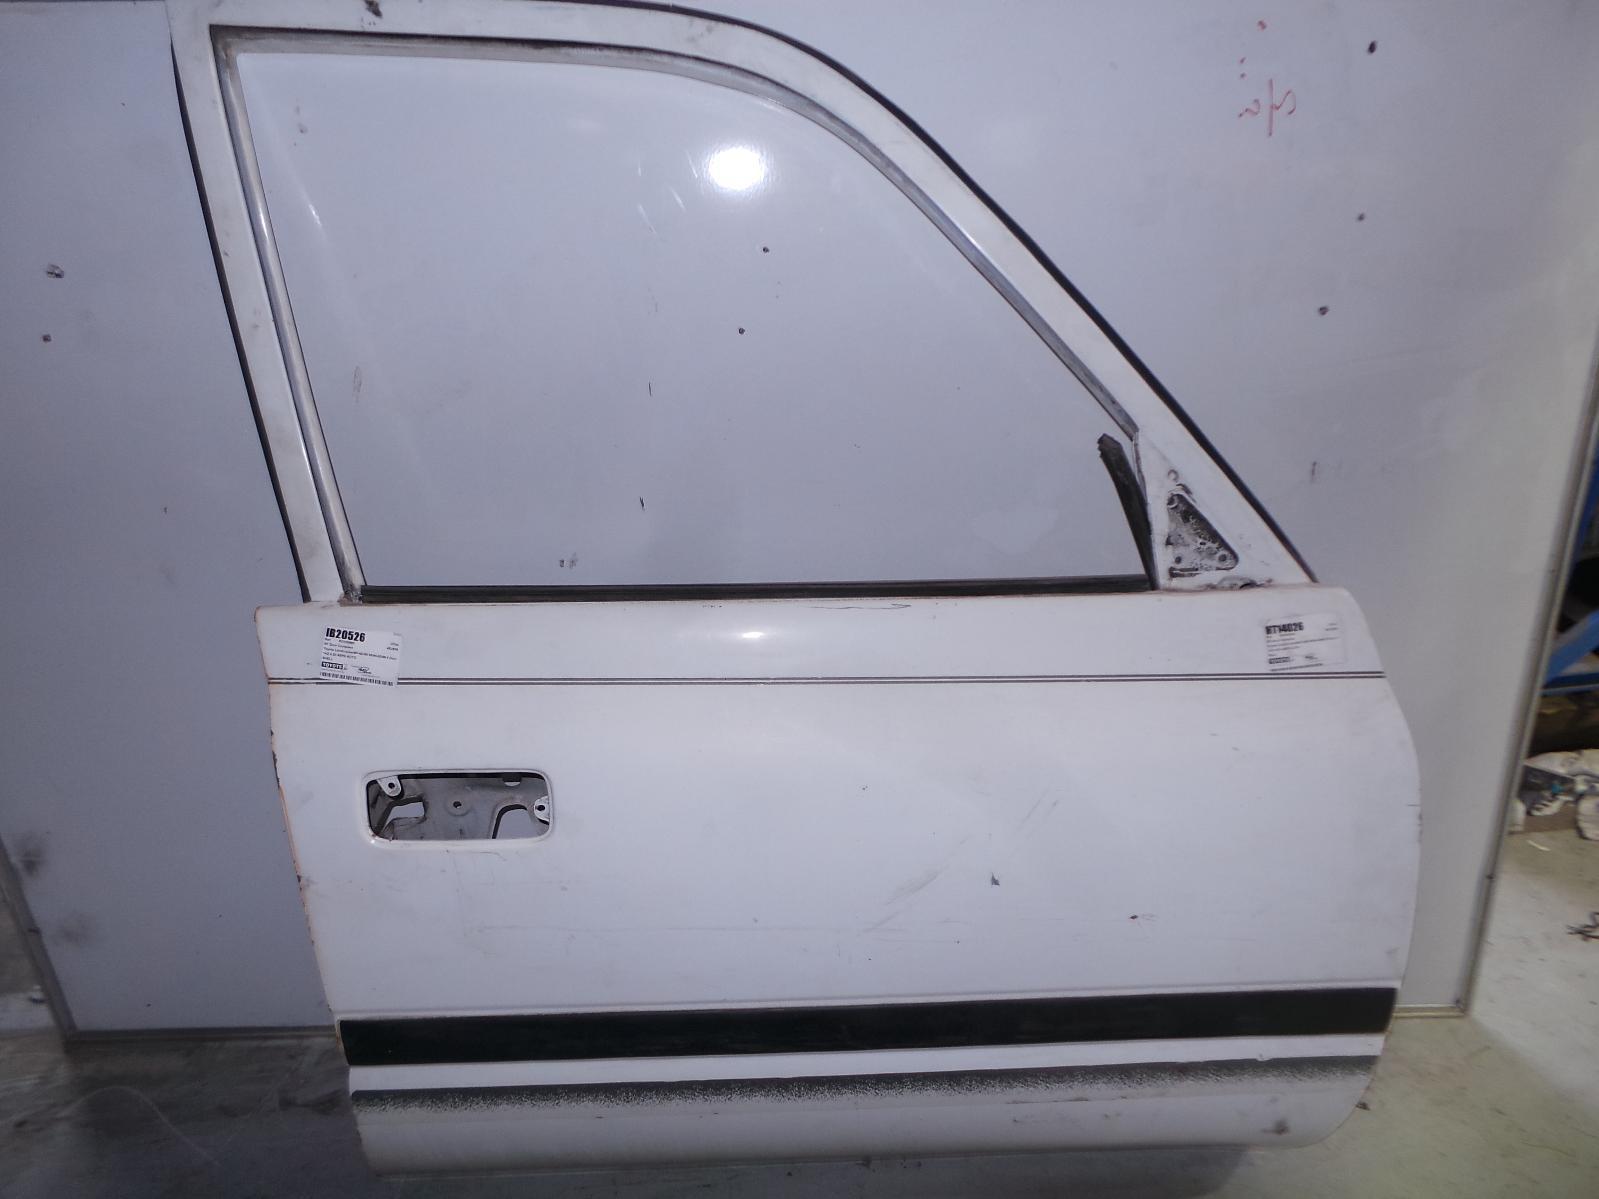 TOYOTA LANDCRUISER, Right Front Door, 80 SERIES, 05/90-03/98